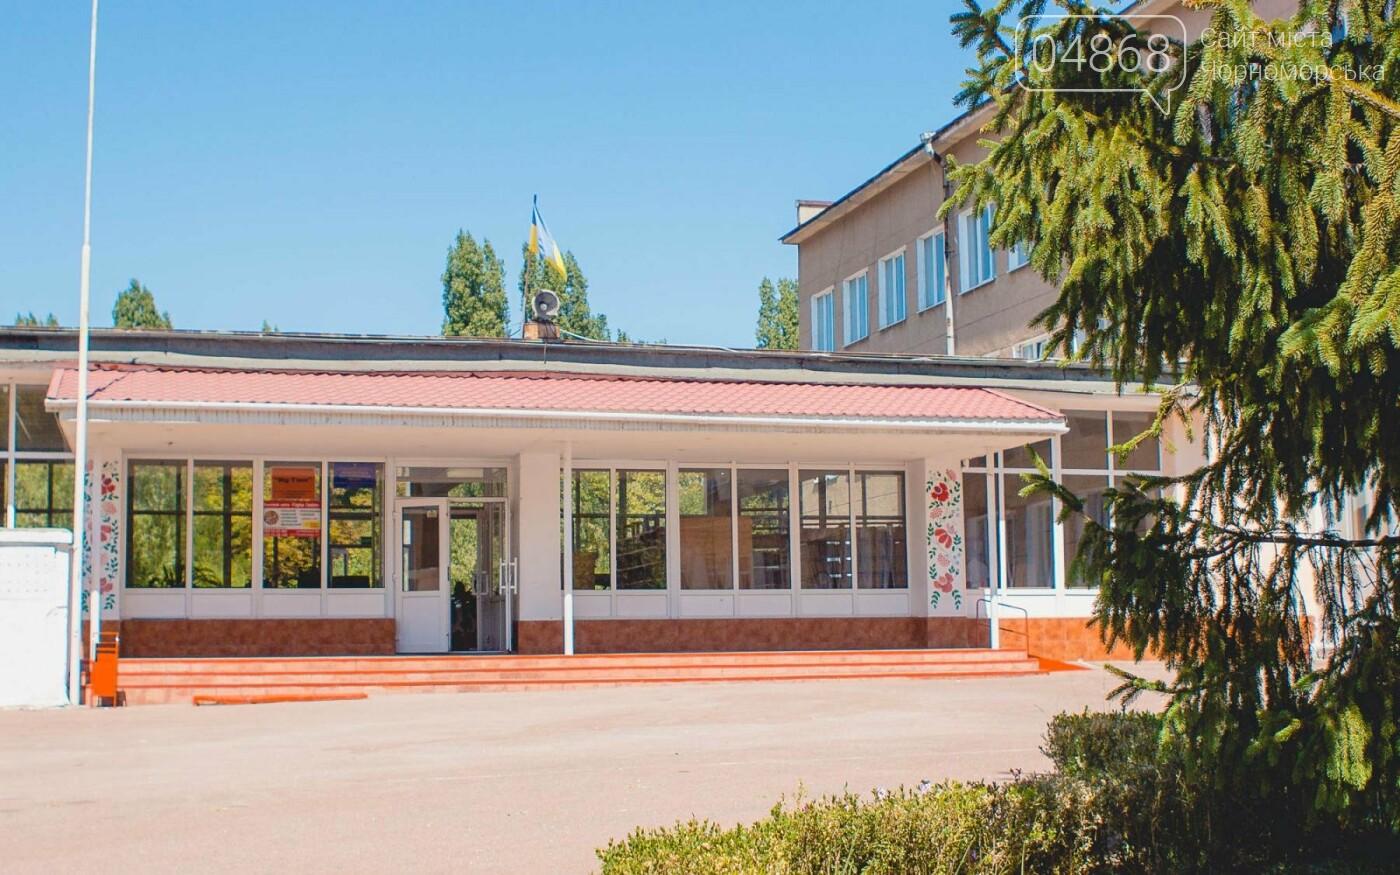 Новые окна, кабинеты и пищеблок: школы Черноморска готовятся к 1 сентября, фото-18